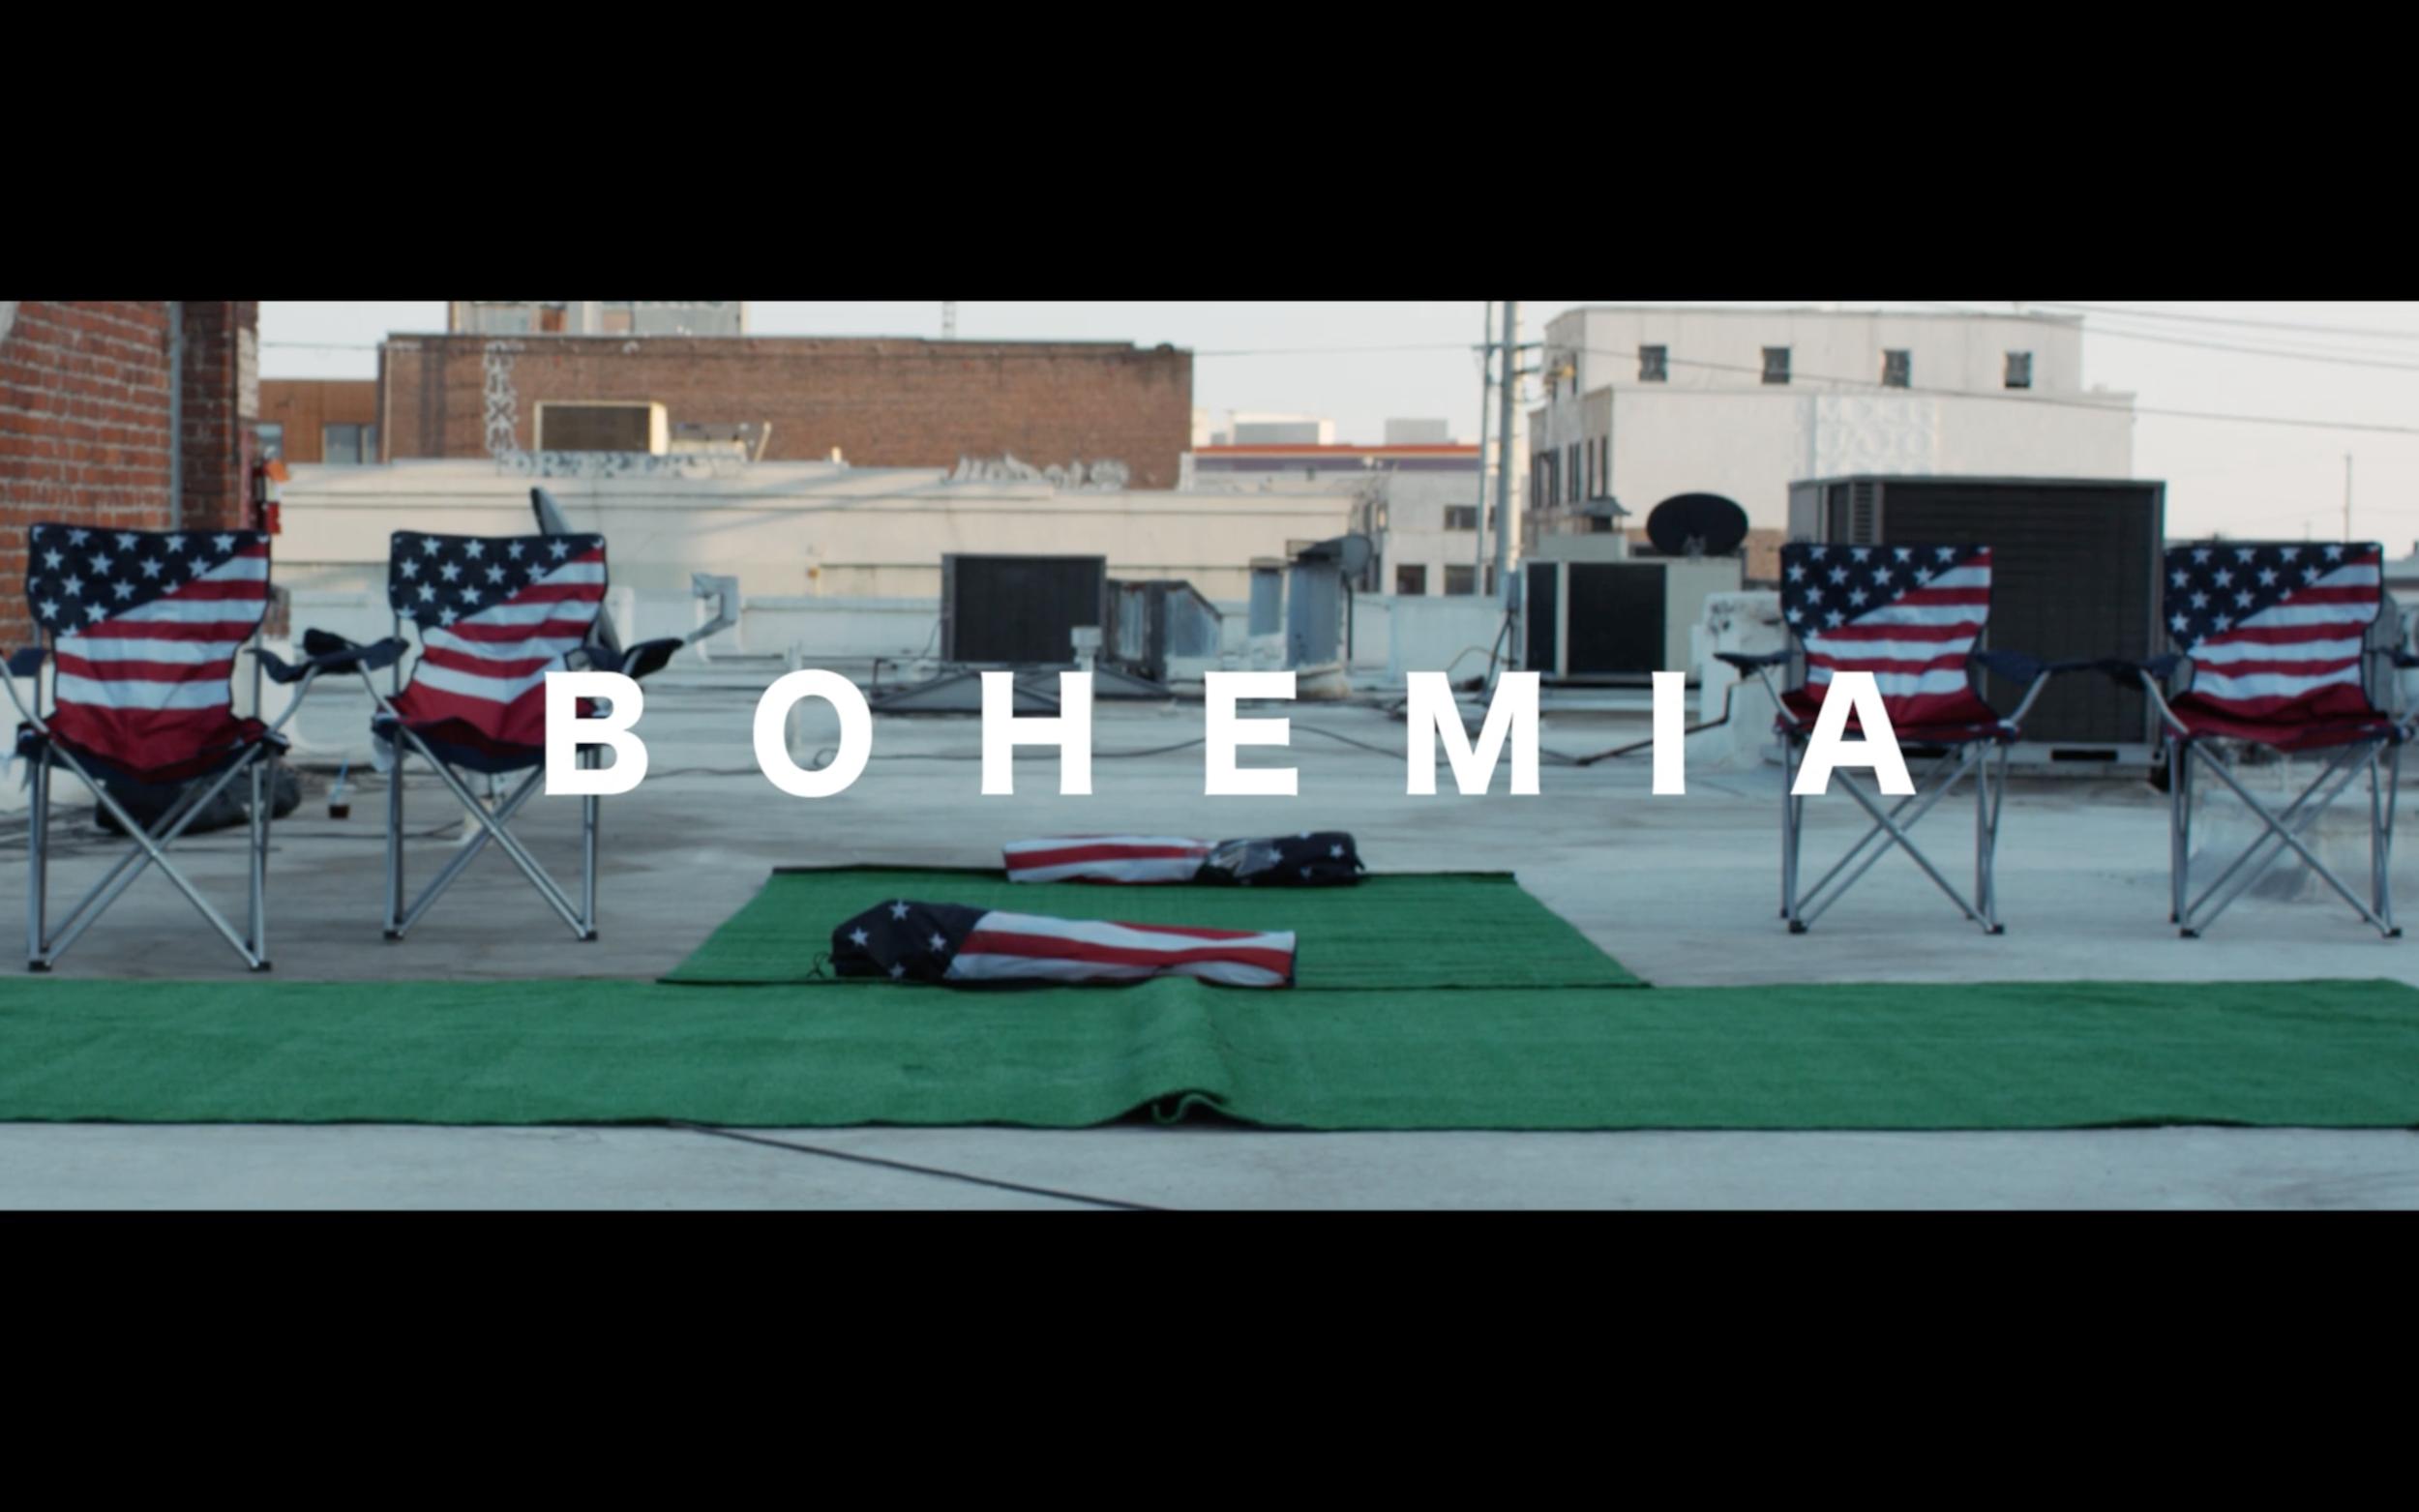 BOHEMIA_02.png